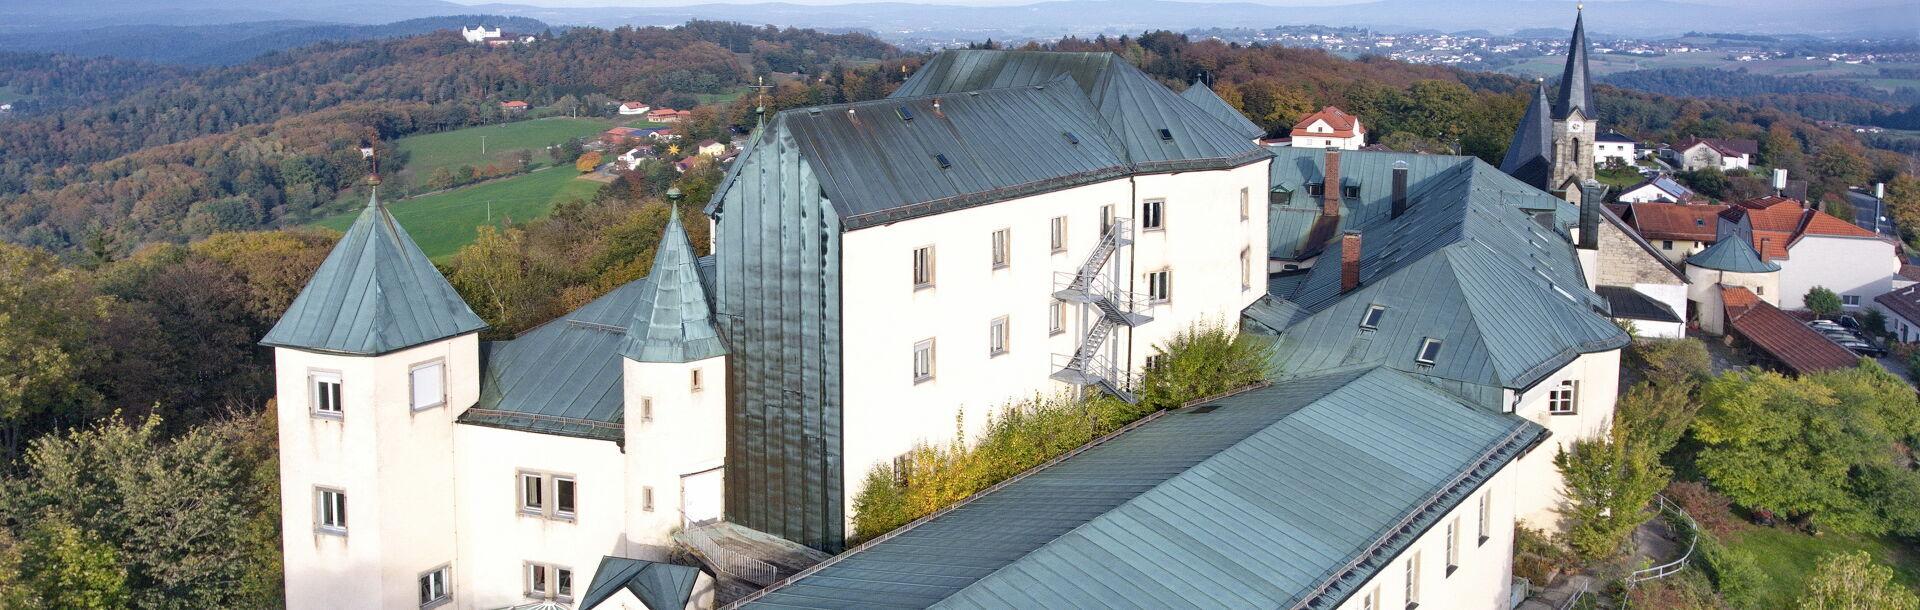 Schloss Fürstenstein - Bild Wolfgang Hartwig